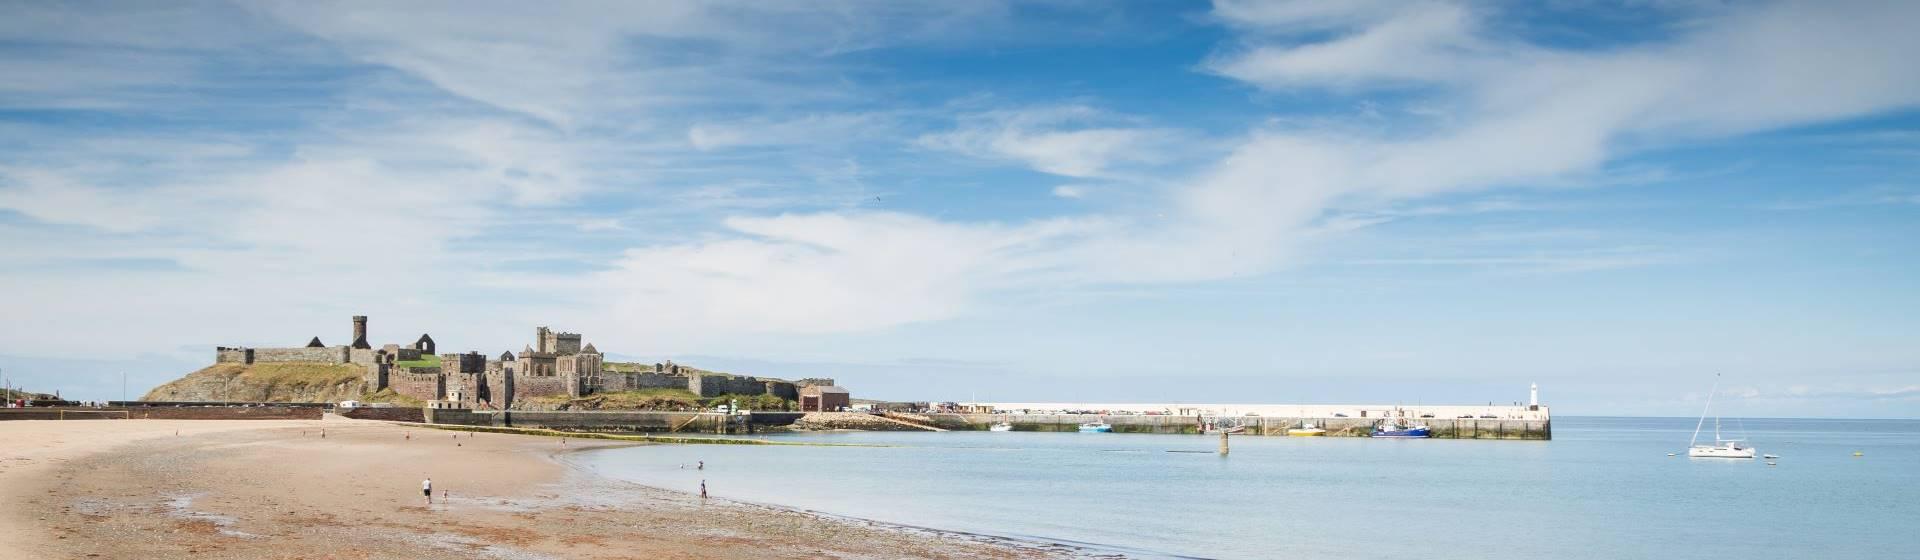 """<img src=""""peelcastleisleofman-adobestocklr.jpeg"""" alt=""""Peel Castle Isle of Man""""/>"""